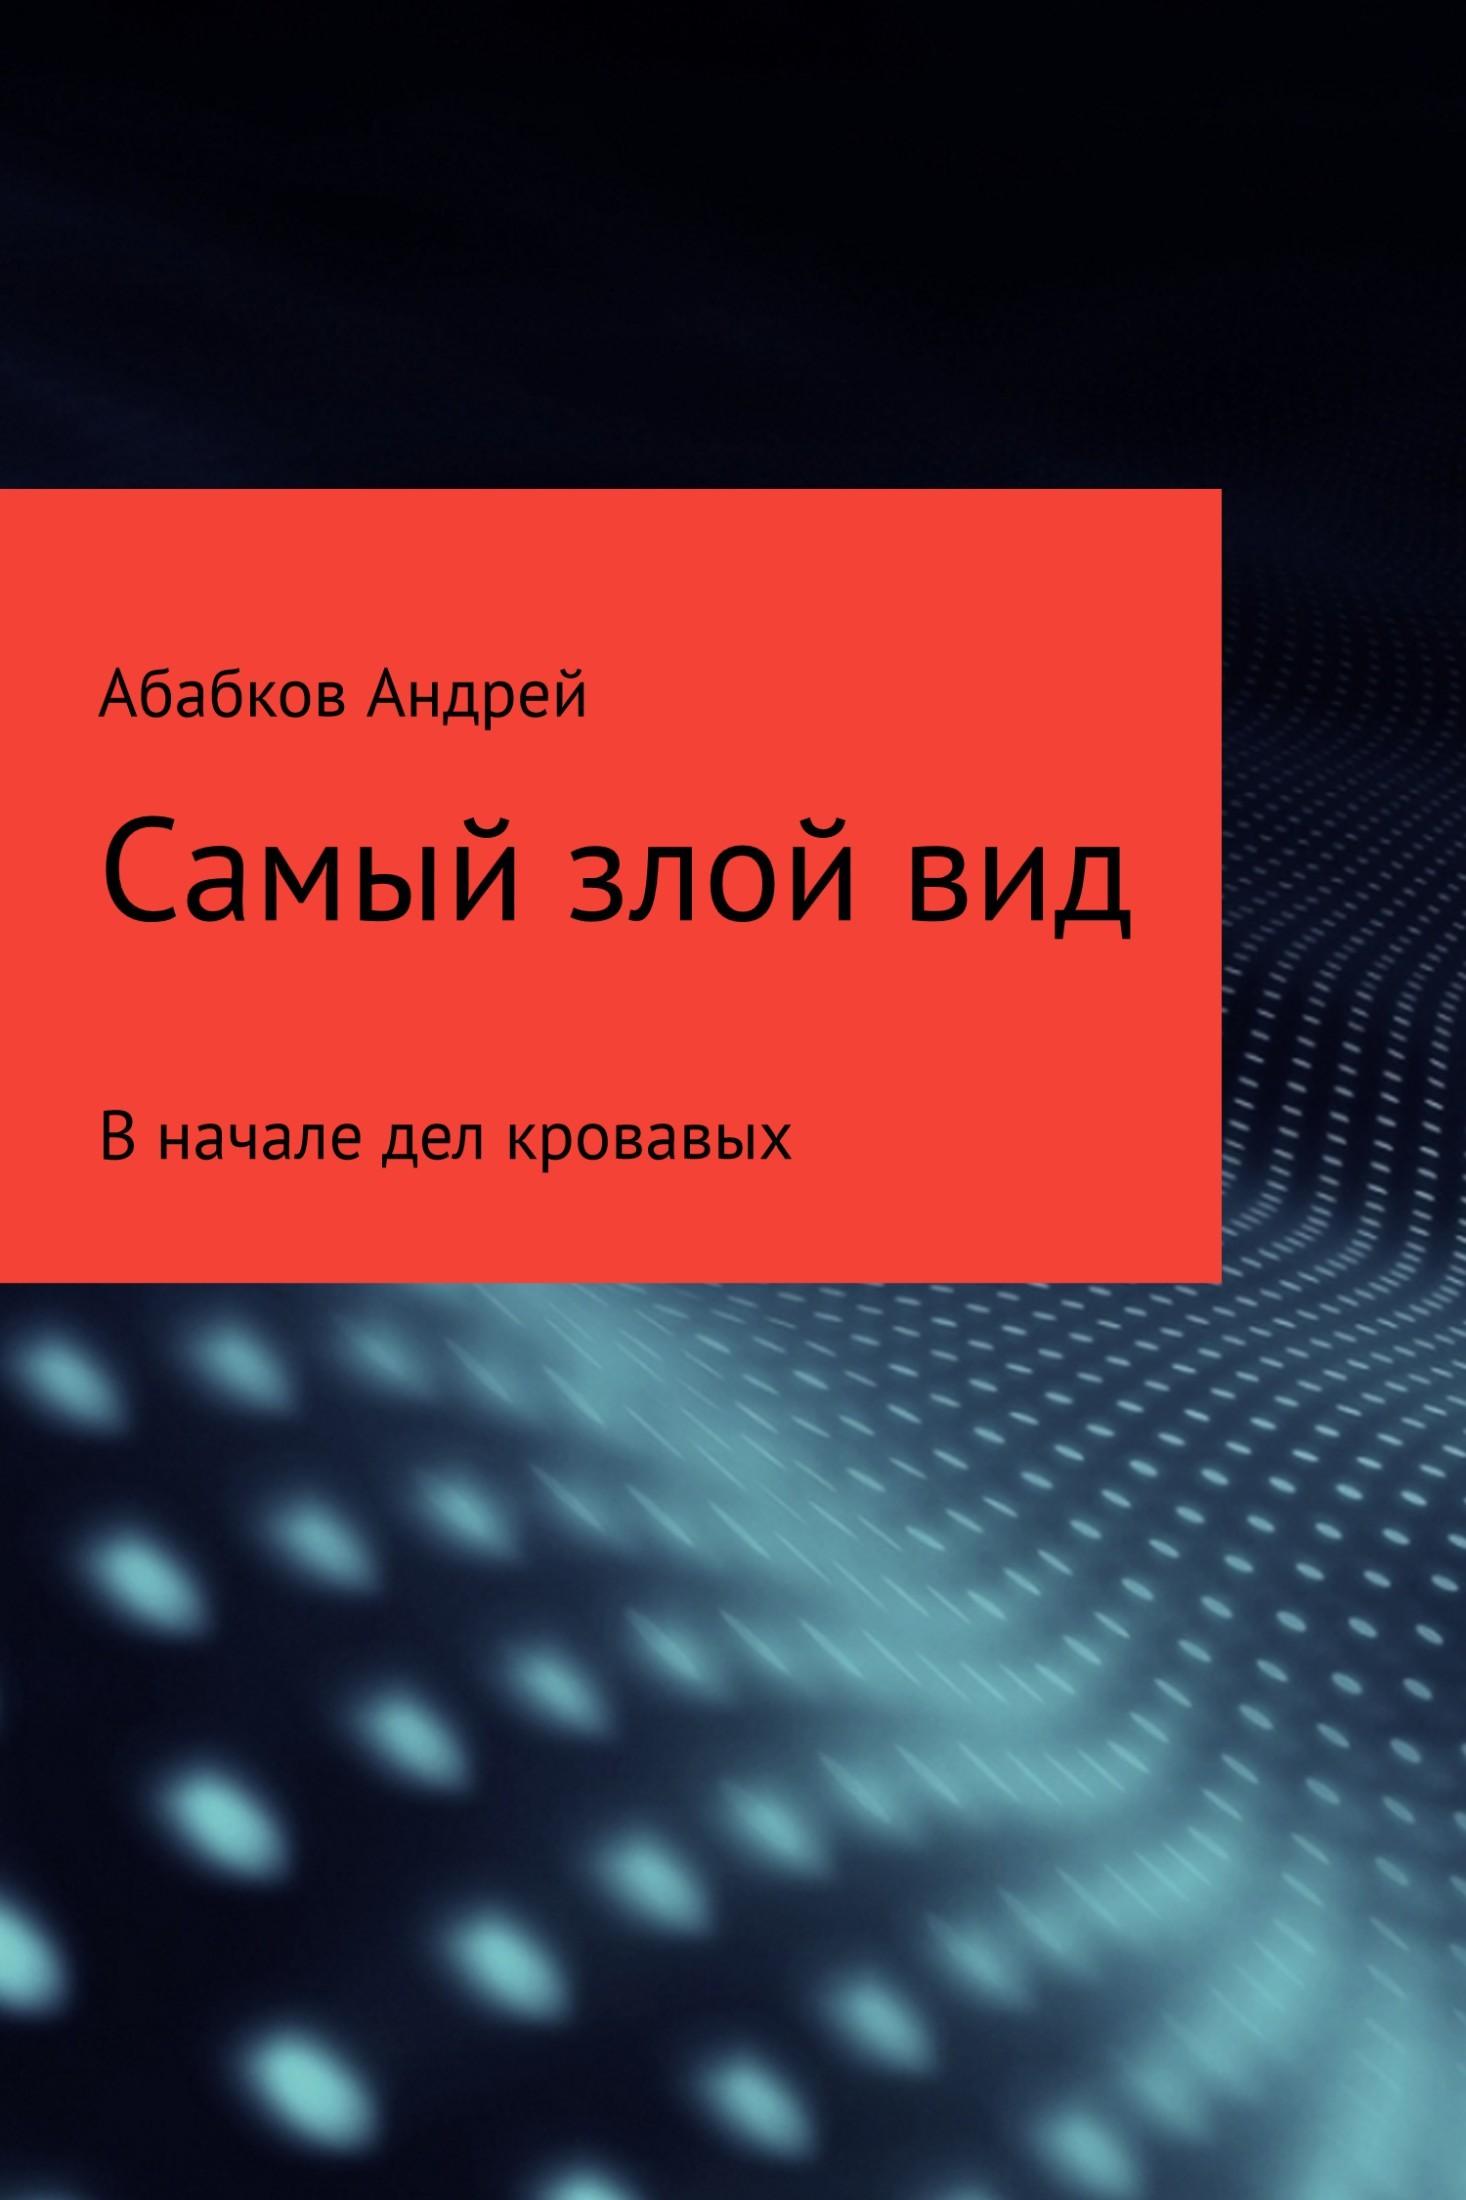 Андрей Сергеевич Абабков. Самый злой вид. В начале дел кровавых